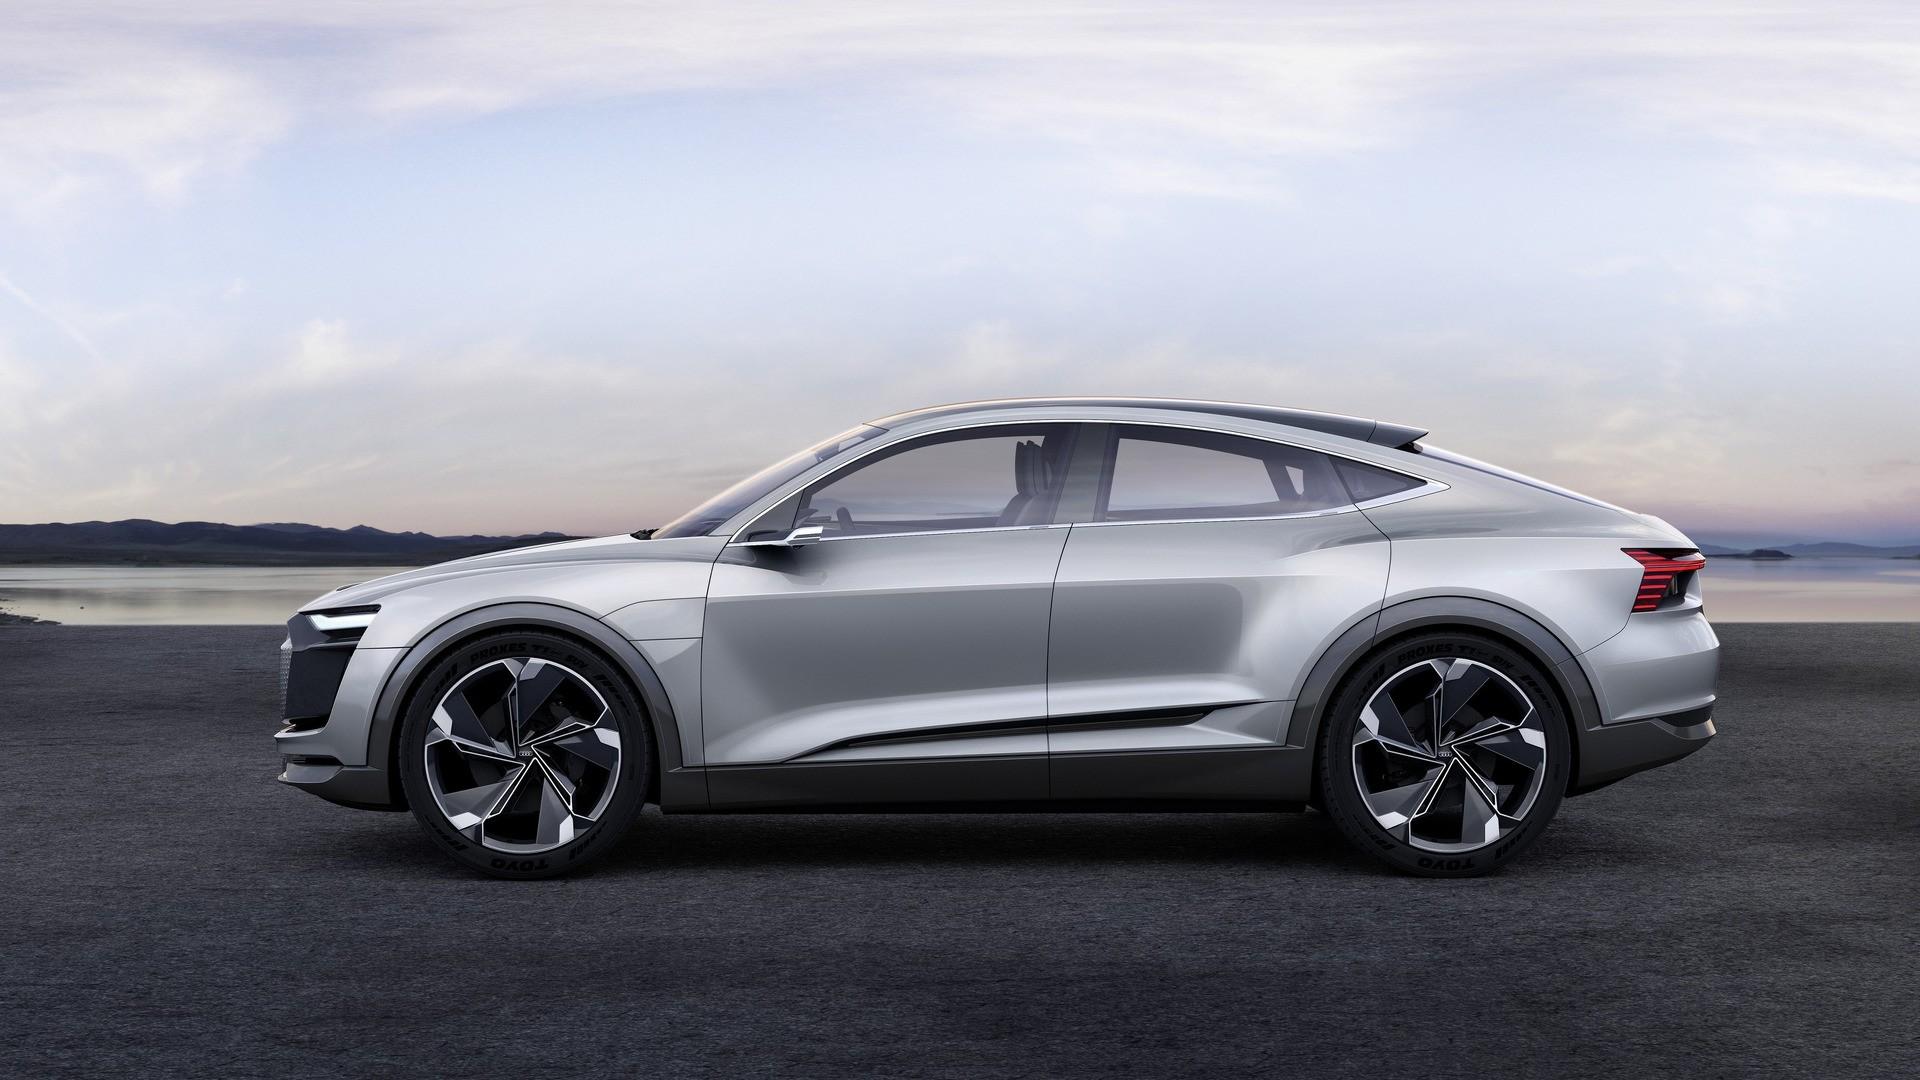 Xe++ - Audi E-Tron GT dự kiến ra mắt vào năm 2022 (Hình 5).